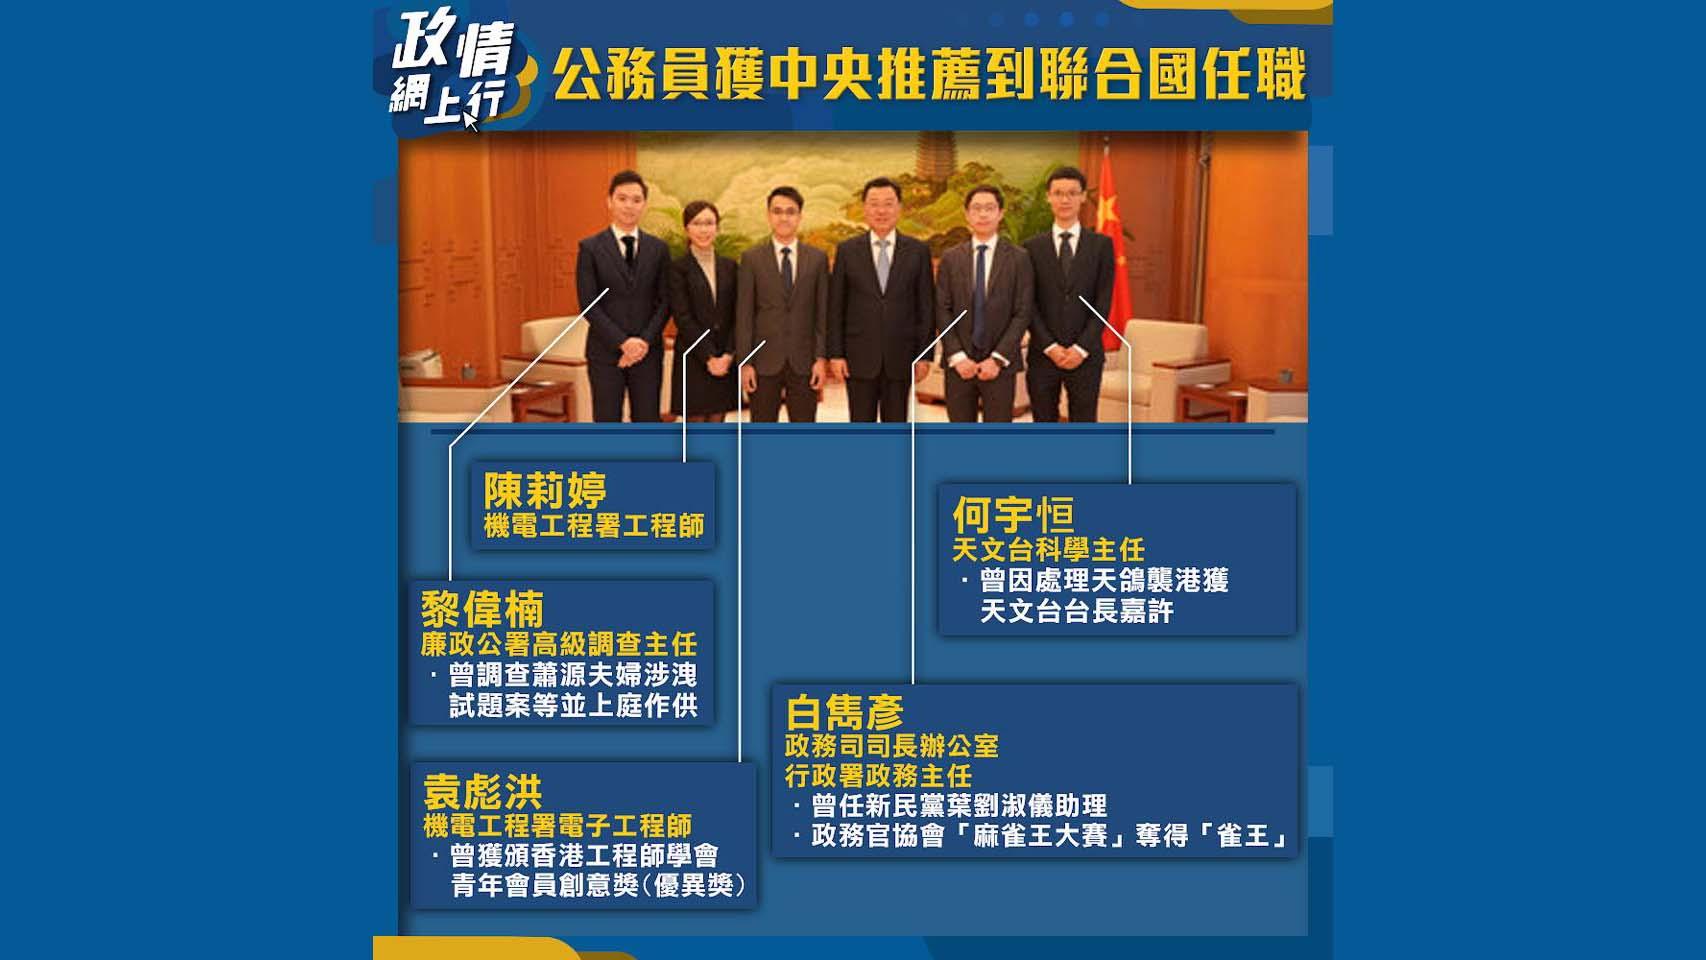 【政情網上行】公務員獲中央推薦到聯合國任職